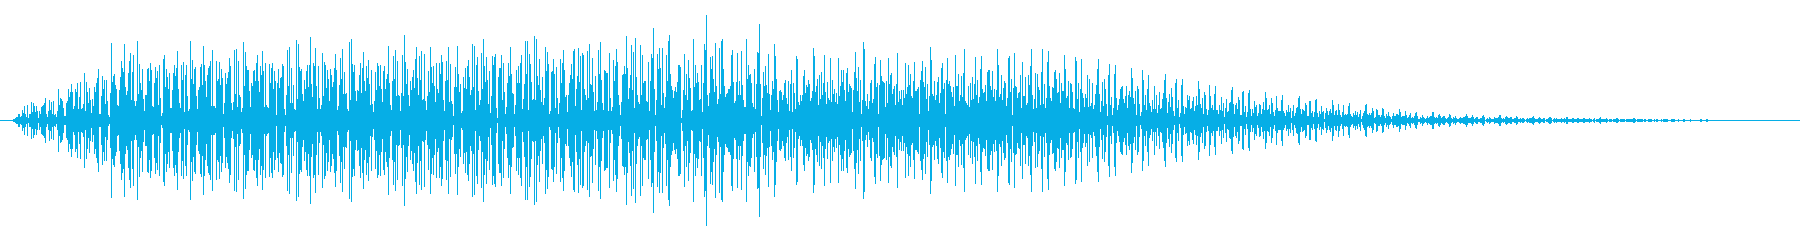 ボタン押下や決定音_キュルルン!ピロッの再生済みの波形